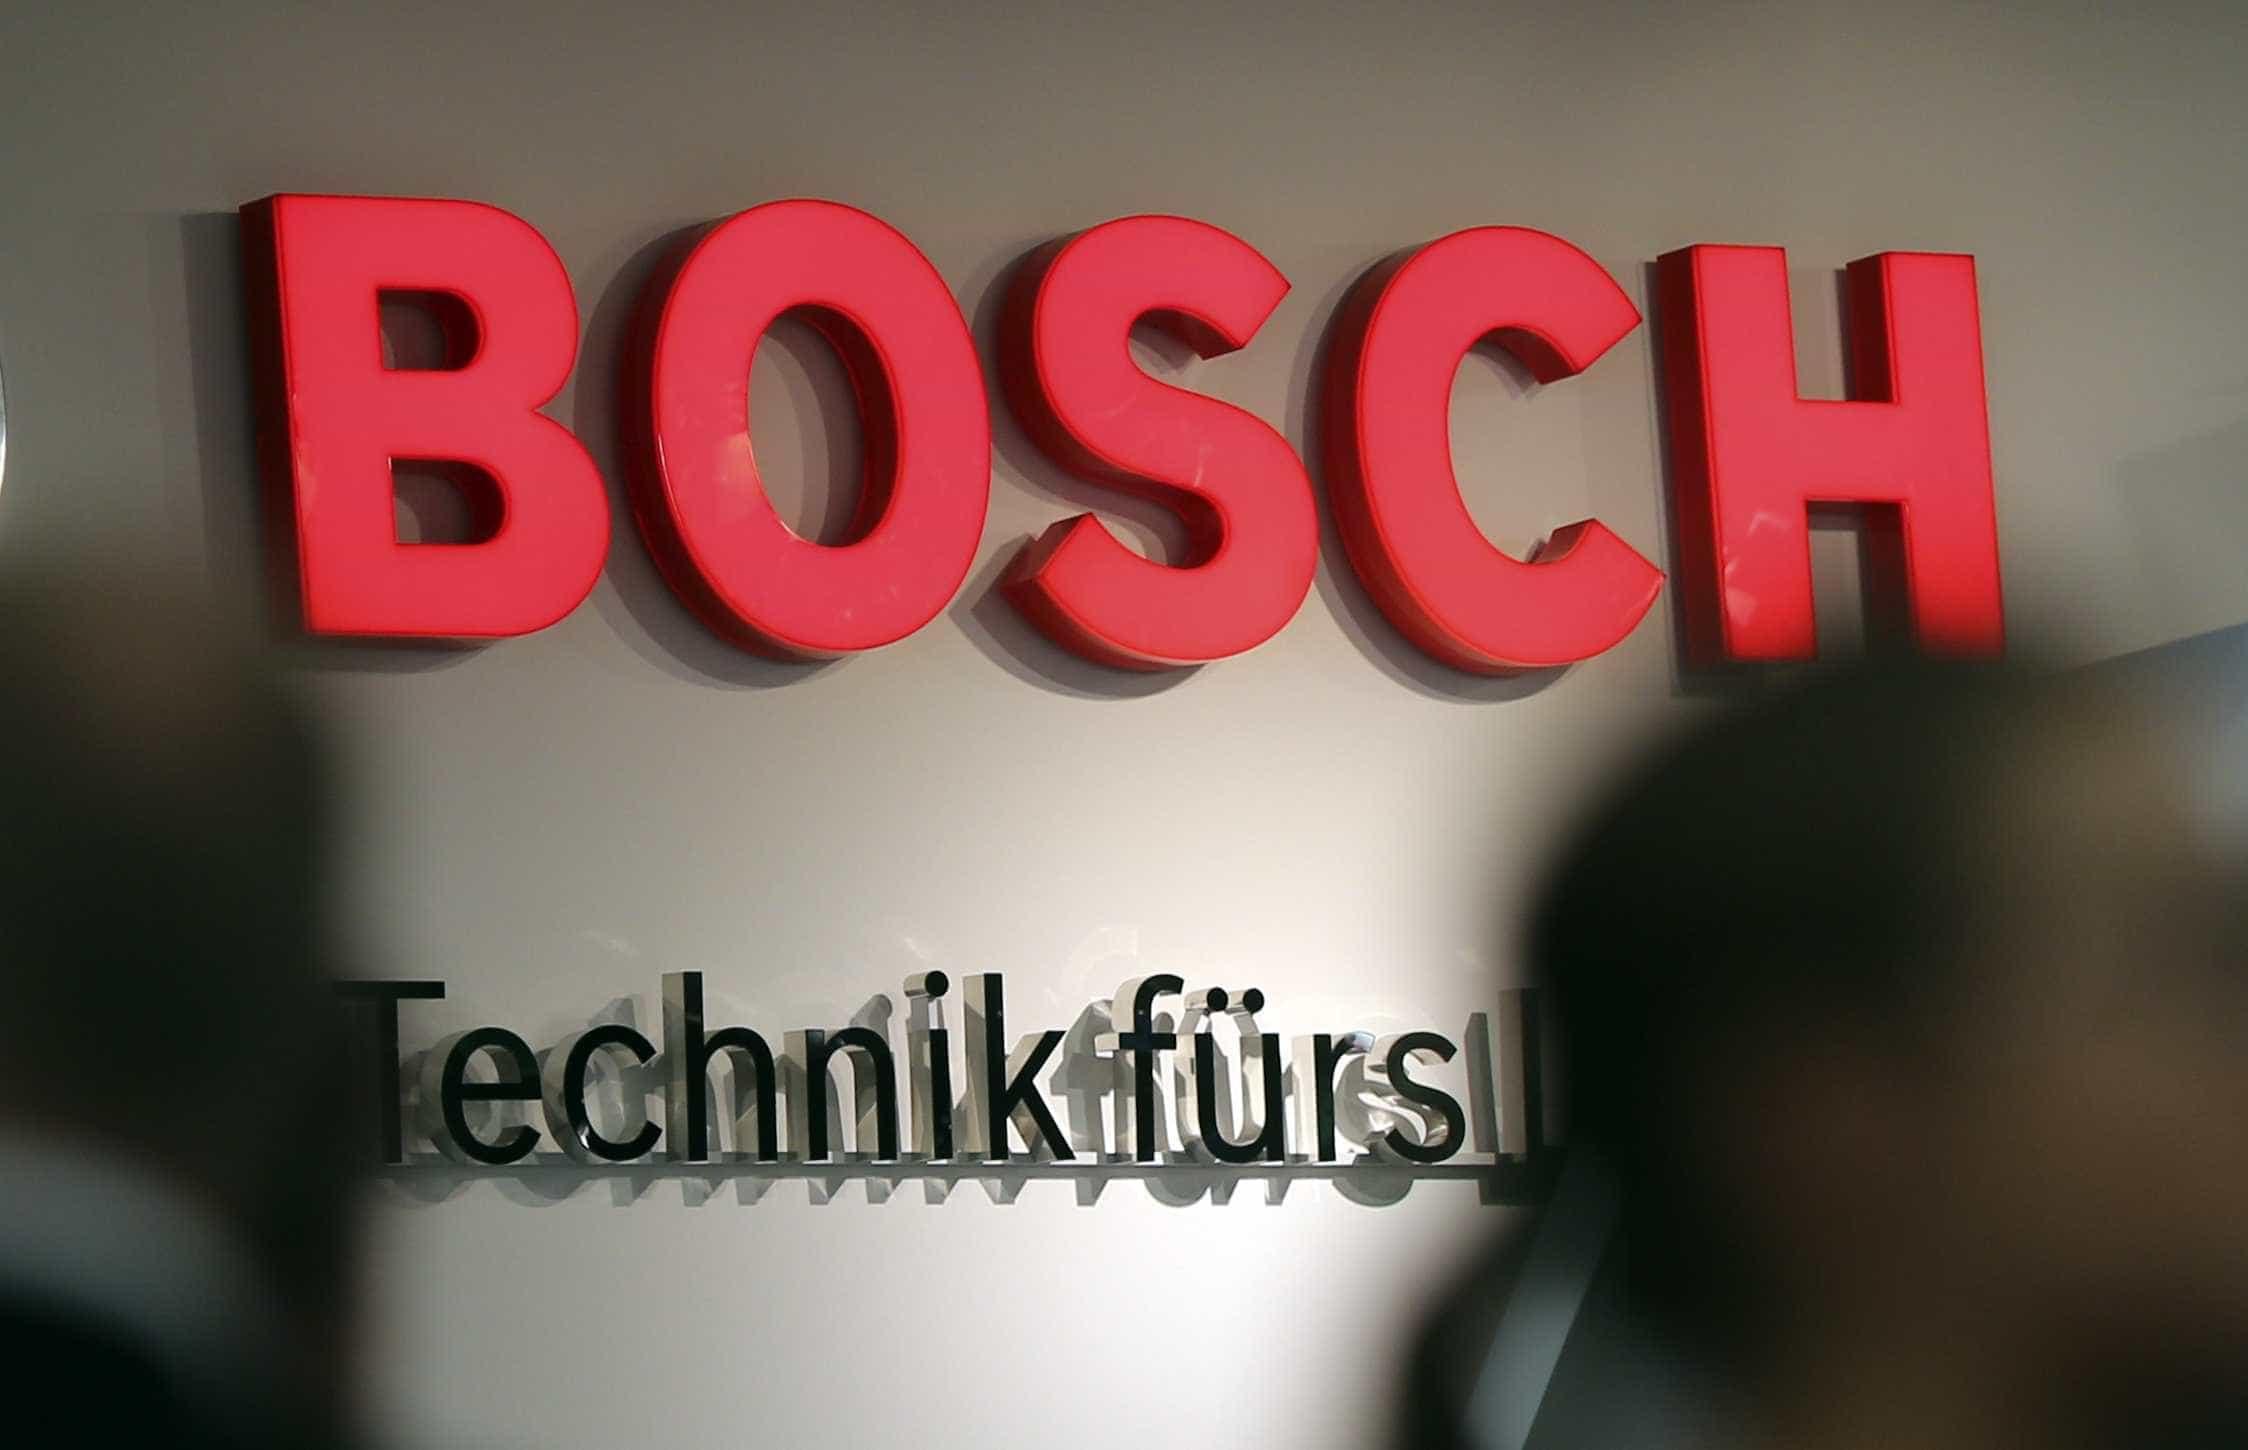 Operários da Bosch em greve contra condições laborais